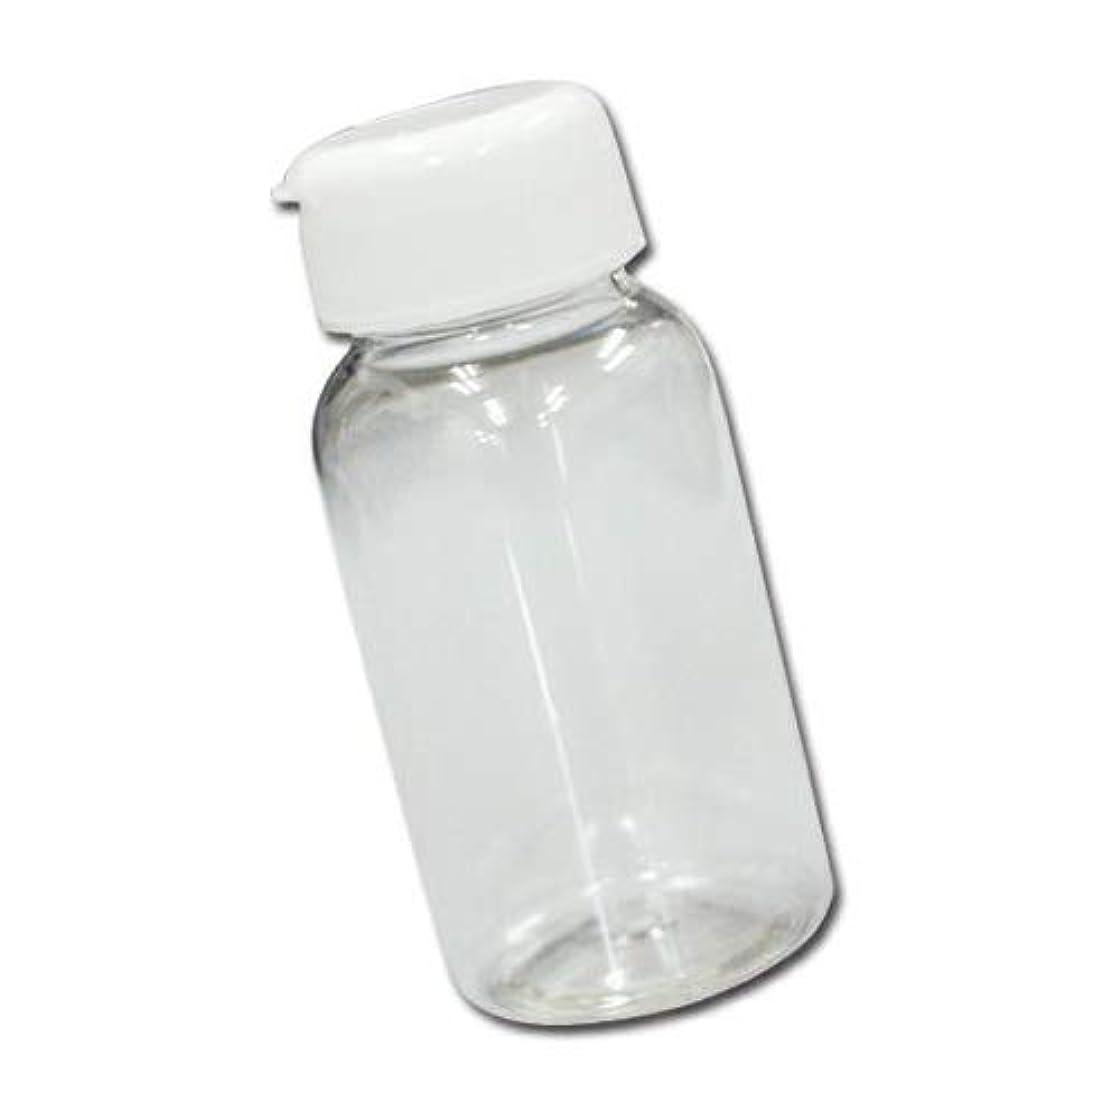 一回恐れる論理的にパウダー用詰め替え容器200mlボトル│業務用マッサージパウダーや調味料の小分けに最適な穴あき詰め替えボトル